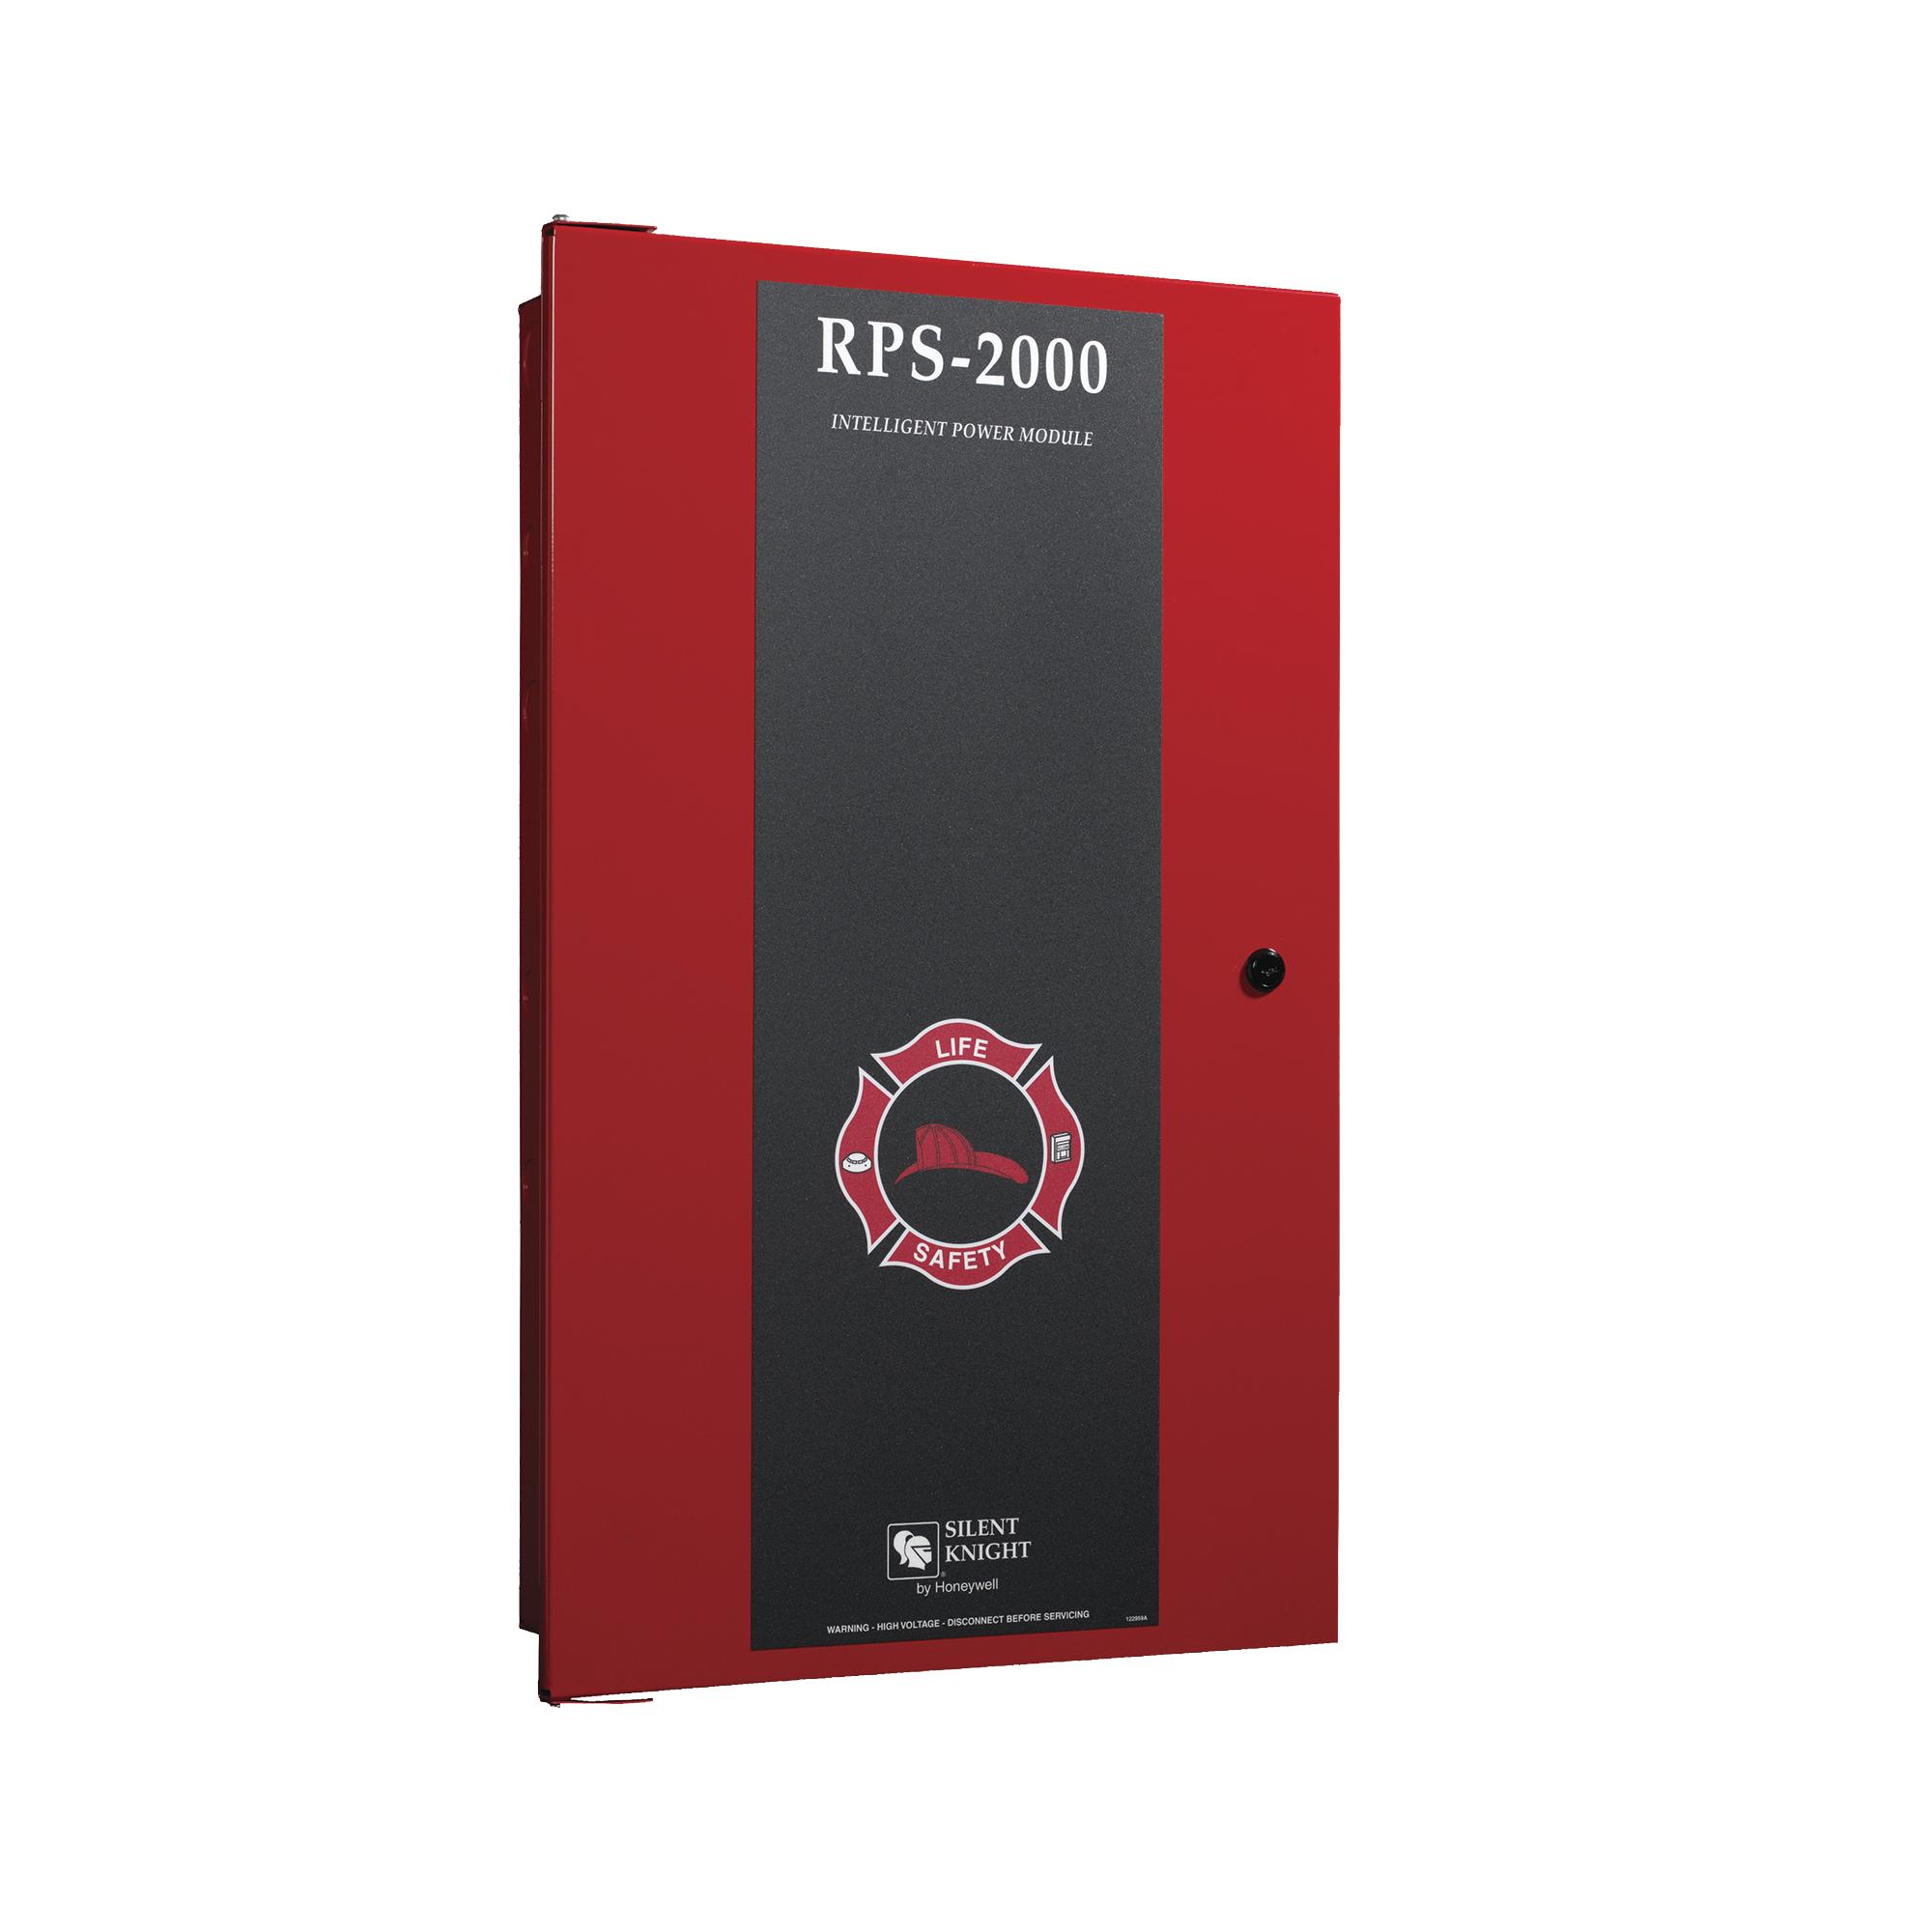 Panel Inteligente de Control de Alarma contra Incendio sin pantalla incorporada /Fuente de alimentación compatible con IFP-2000/IFP-2000ECS